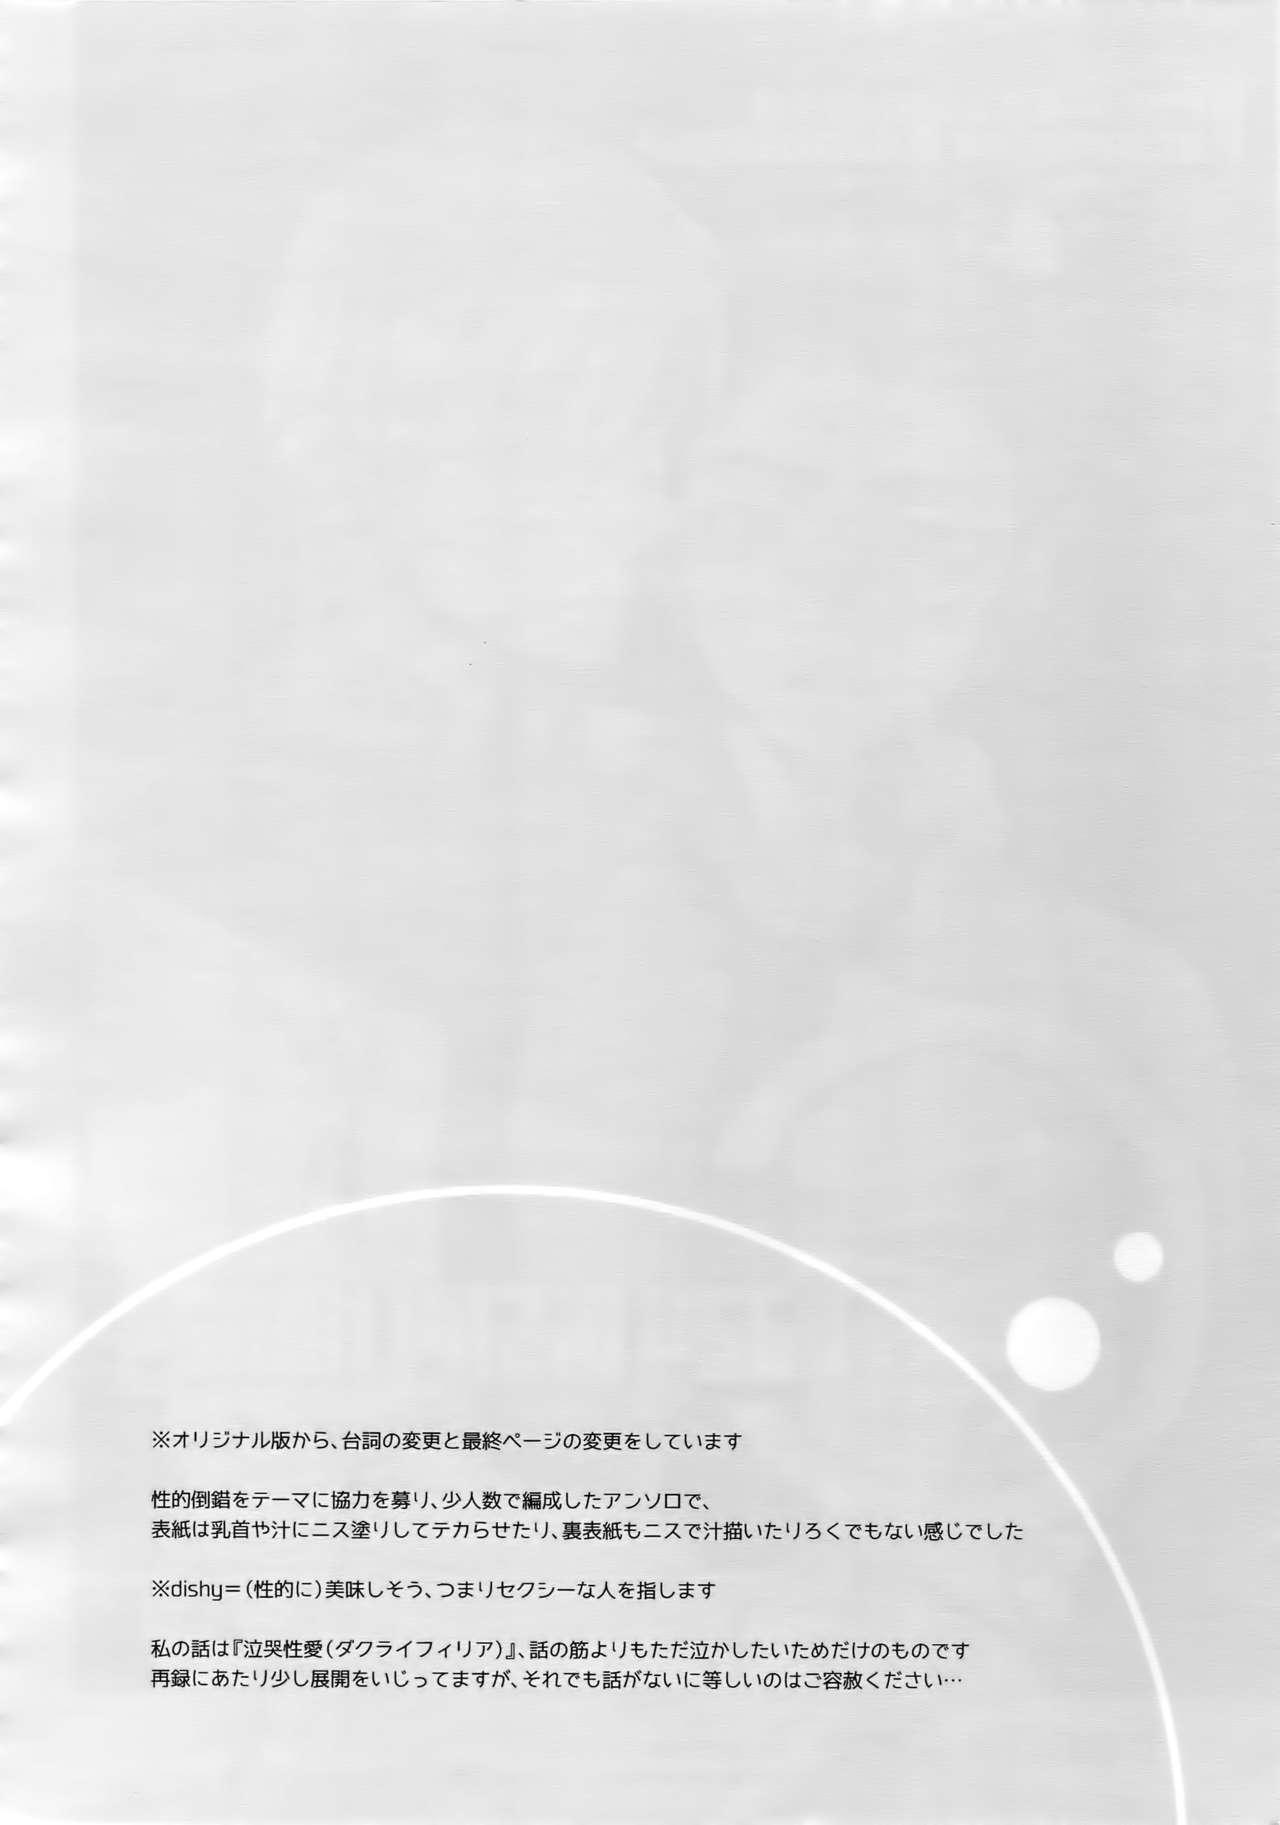 [Bakuchi Jinsei SP (Satsuki Fumi)] Kanpeki Kareshi to Zettai Ryouiki Ouji-sama - Another Version - (Kuroko no Basket) 58